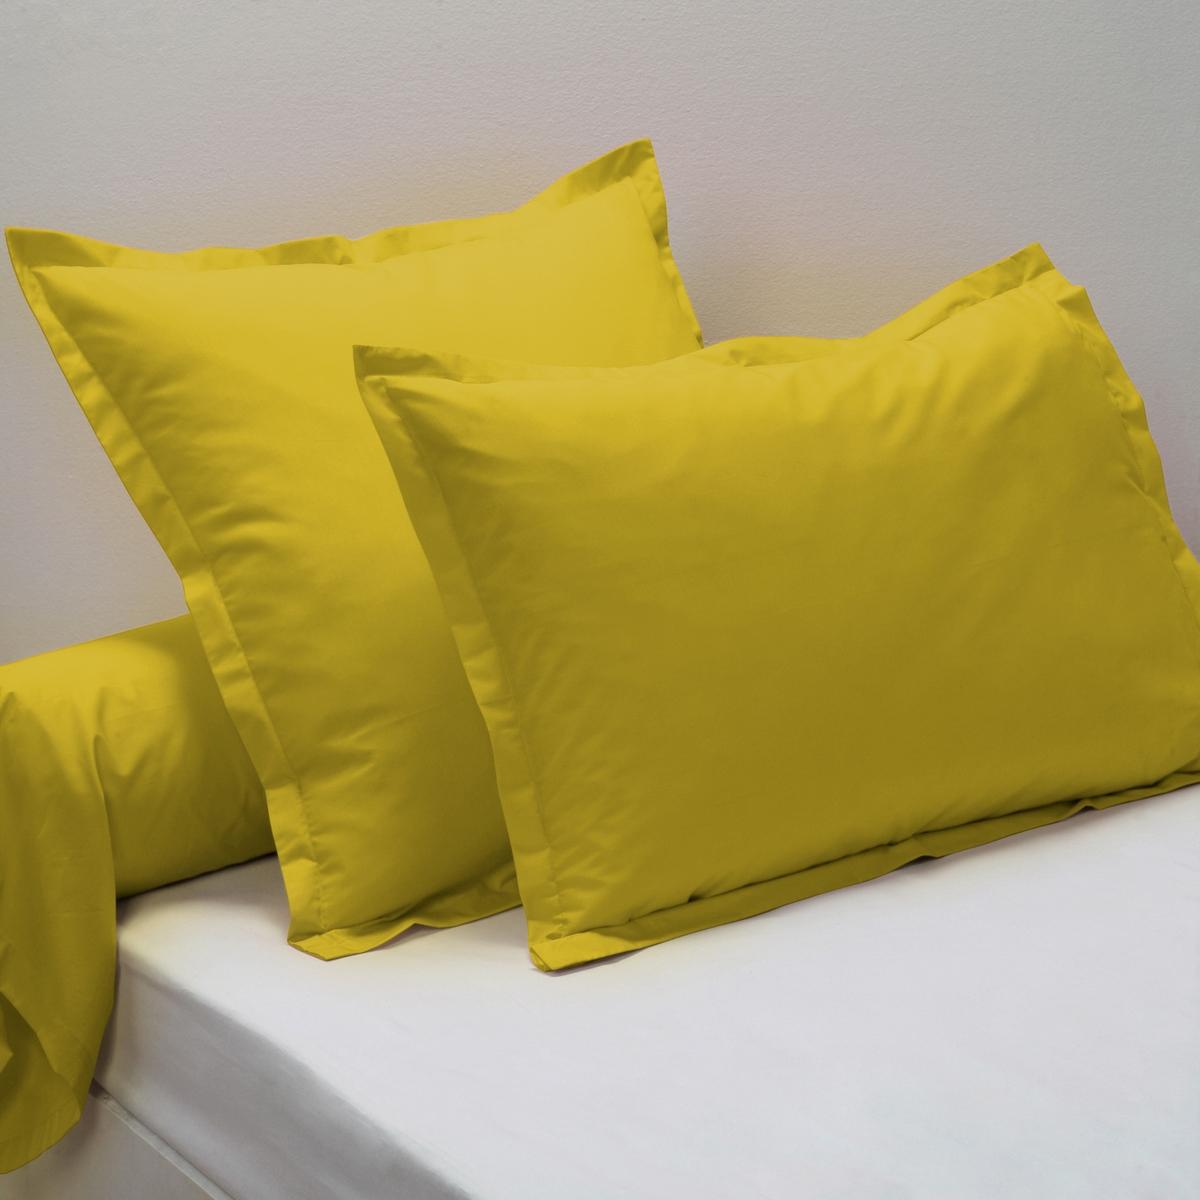 Наволочки из перкалиНаволочка на подушку и подушку-валик из перкали, ультра мягкая ткань, эластичная и шелковистая, которая придает безупречную форму и настоящее чувство комфорта ! КАЧЕСТВО BESТ . Характеристики наволочек из перкали BEST  :Новое качество ткани с ультра плотным переплетением нитей (80 нитей/см?), Чем больше количество нитей/см?, тем выше качество материала .состоят из очень тонких нитей, сделанных из длинных волокон 100% чесаного хлопка, невероятно прочного и долговечного   : - Обработка Easy Care (просто гладить)   - Стирка при 60°                                                                                                                                                                                                                                                                                    Знак Oeko-Tex® гарантирует, что товары прошли проверку и были изготовлены без применения вредных для здоровья человека веществ .       .                                                                                                                                                                    Размеры :50 x 70 см : прямоугольная наволочка63 x 63 см : квадратная наволочка85 x 185   : наволочка на подушку-валик.                                                                                                         Найдите весь комплект постельного белья по ключевому словуBEST PERCALE<br><br>Цвет: анис,слоновая кость